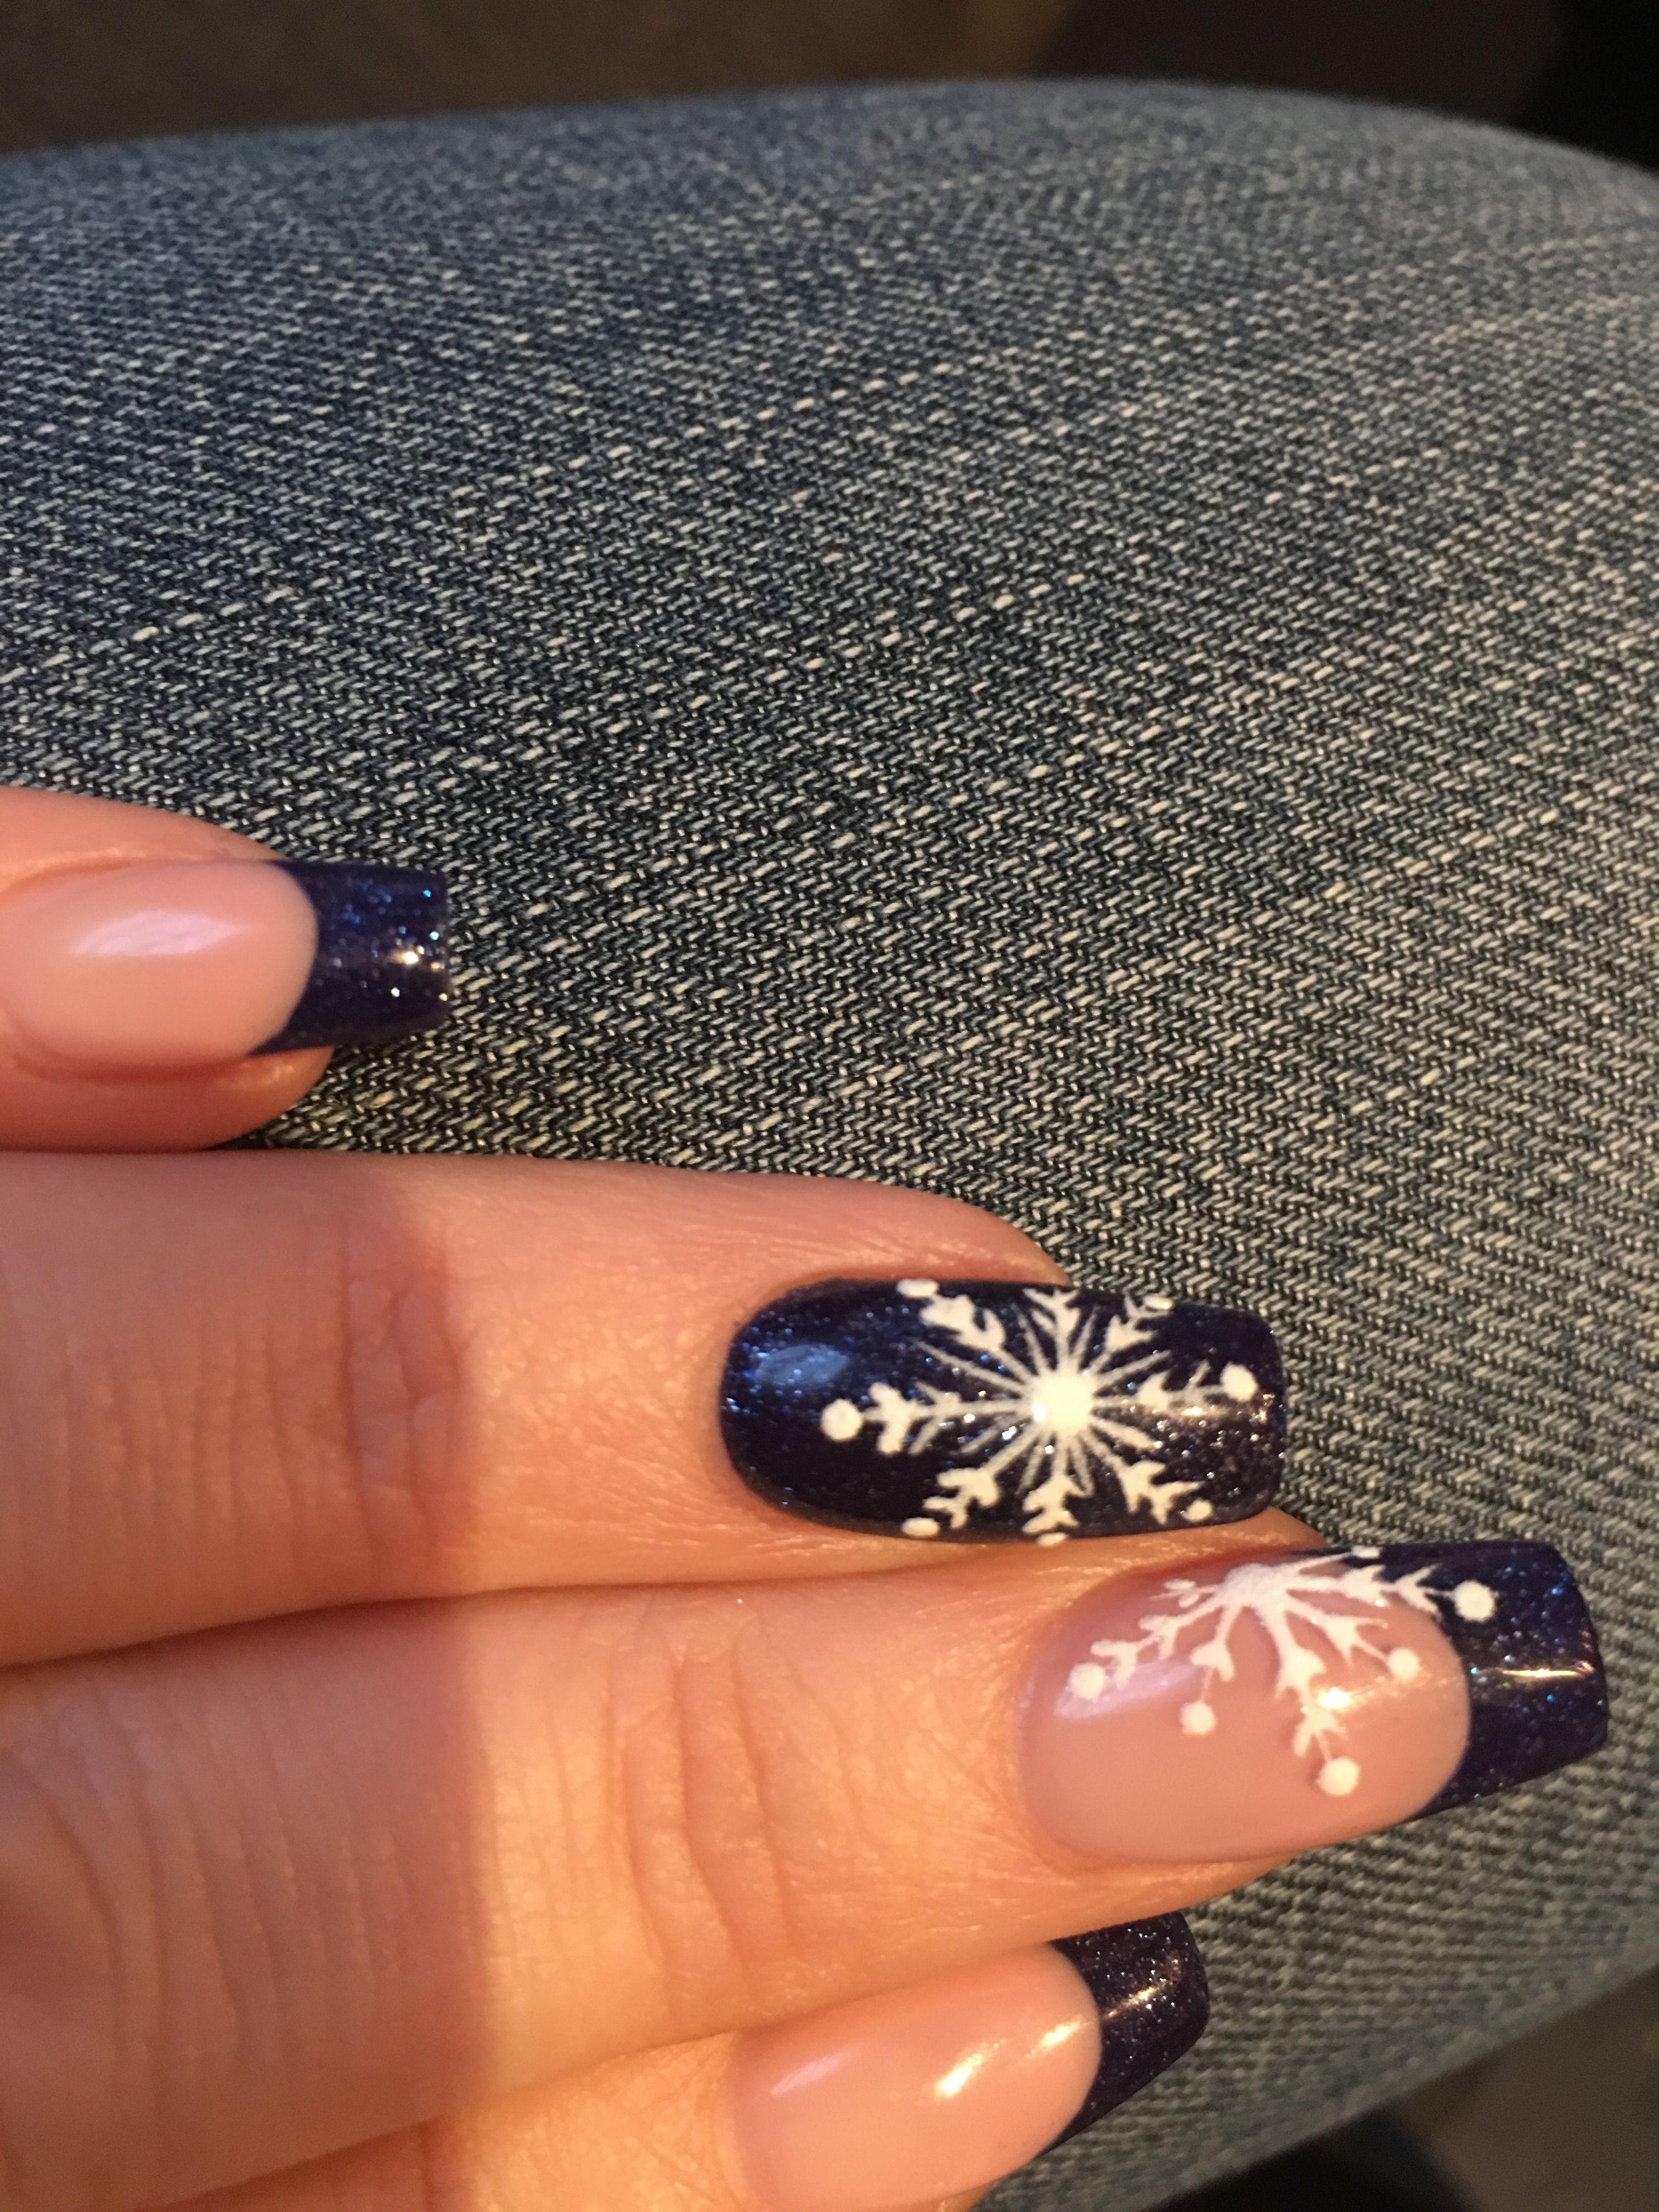 Pin by Marielos on Exclusividad en uñas | Pinterest | Nail nail ...